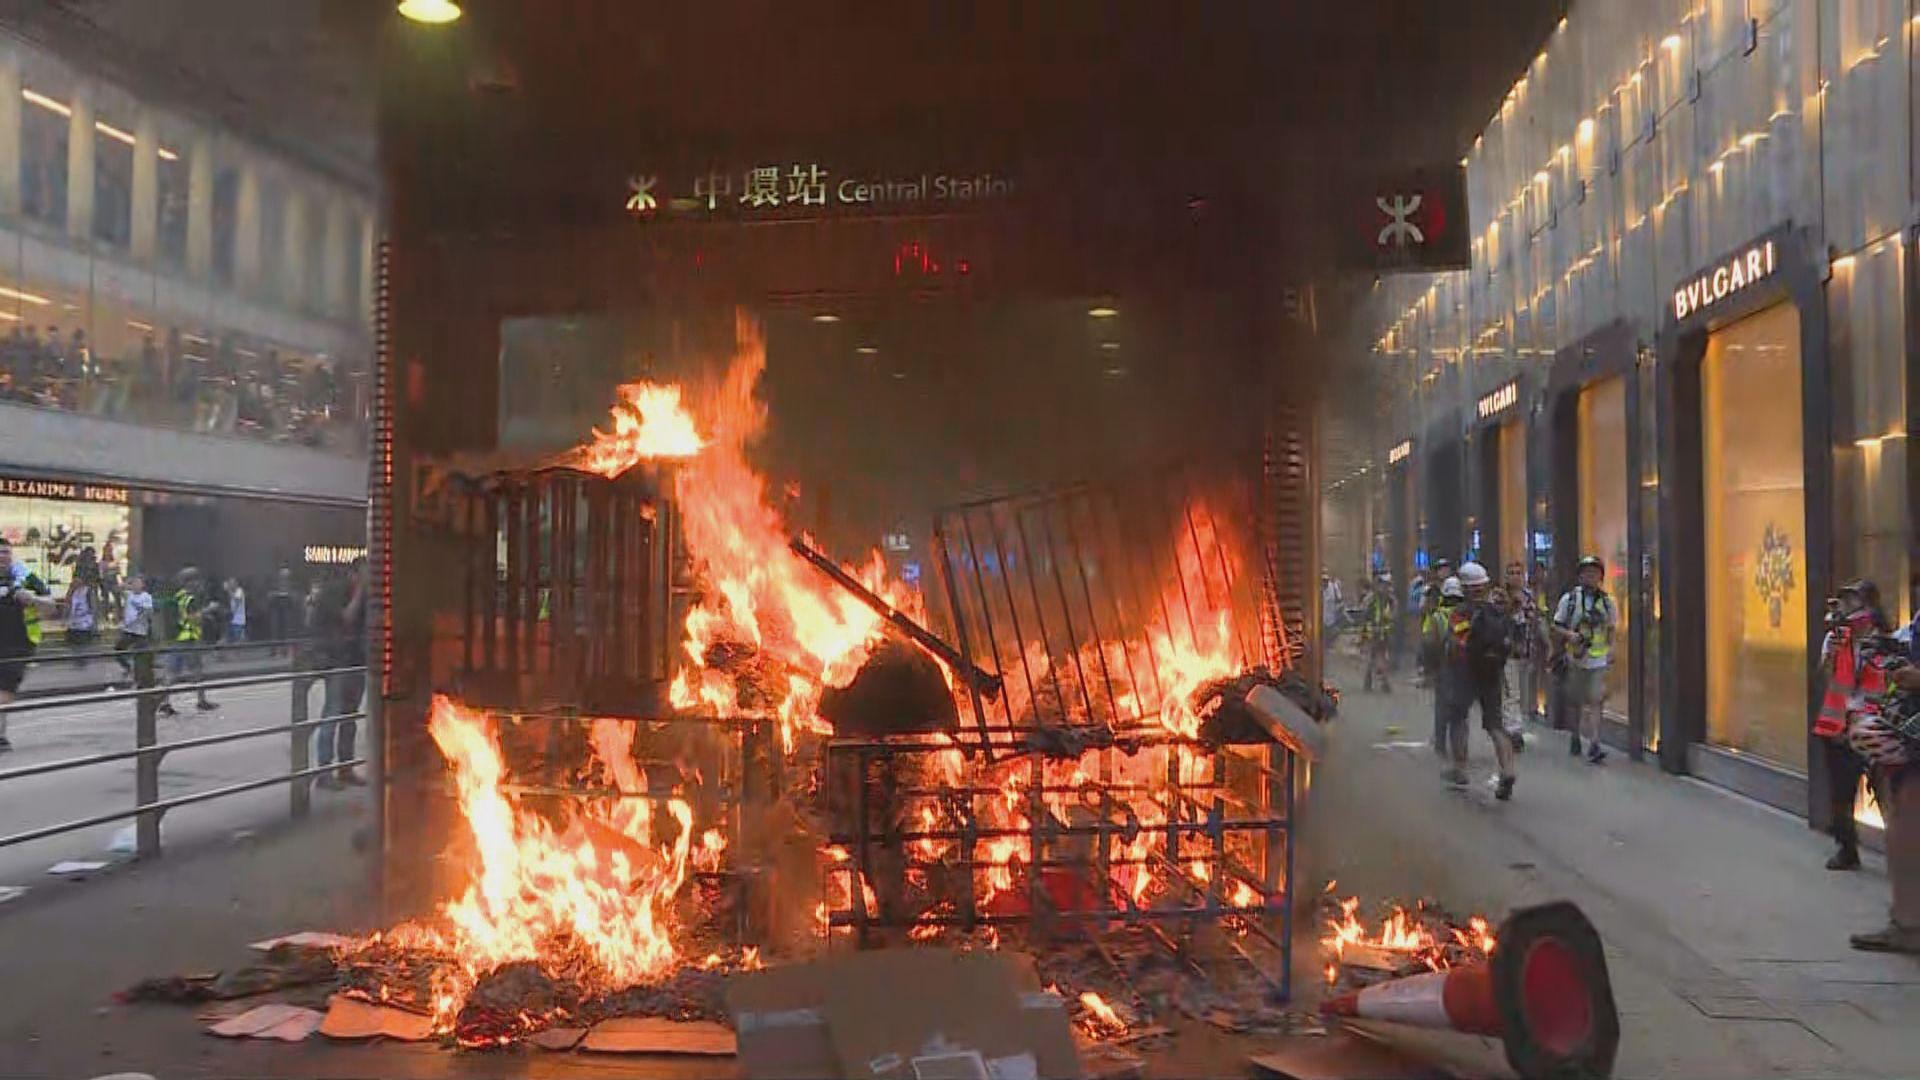 示威者在中環站F出口縱火